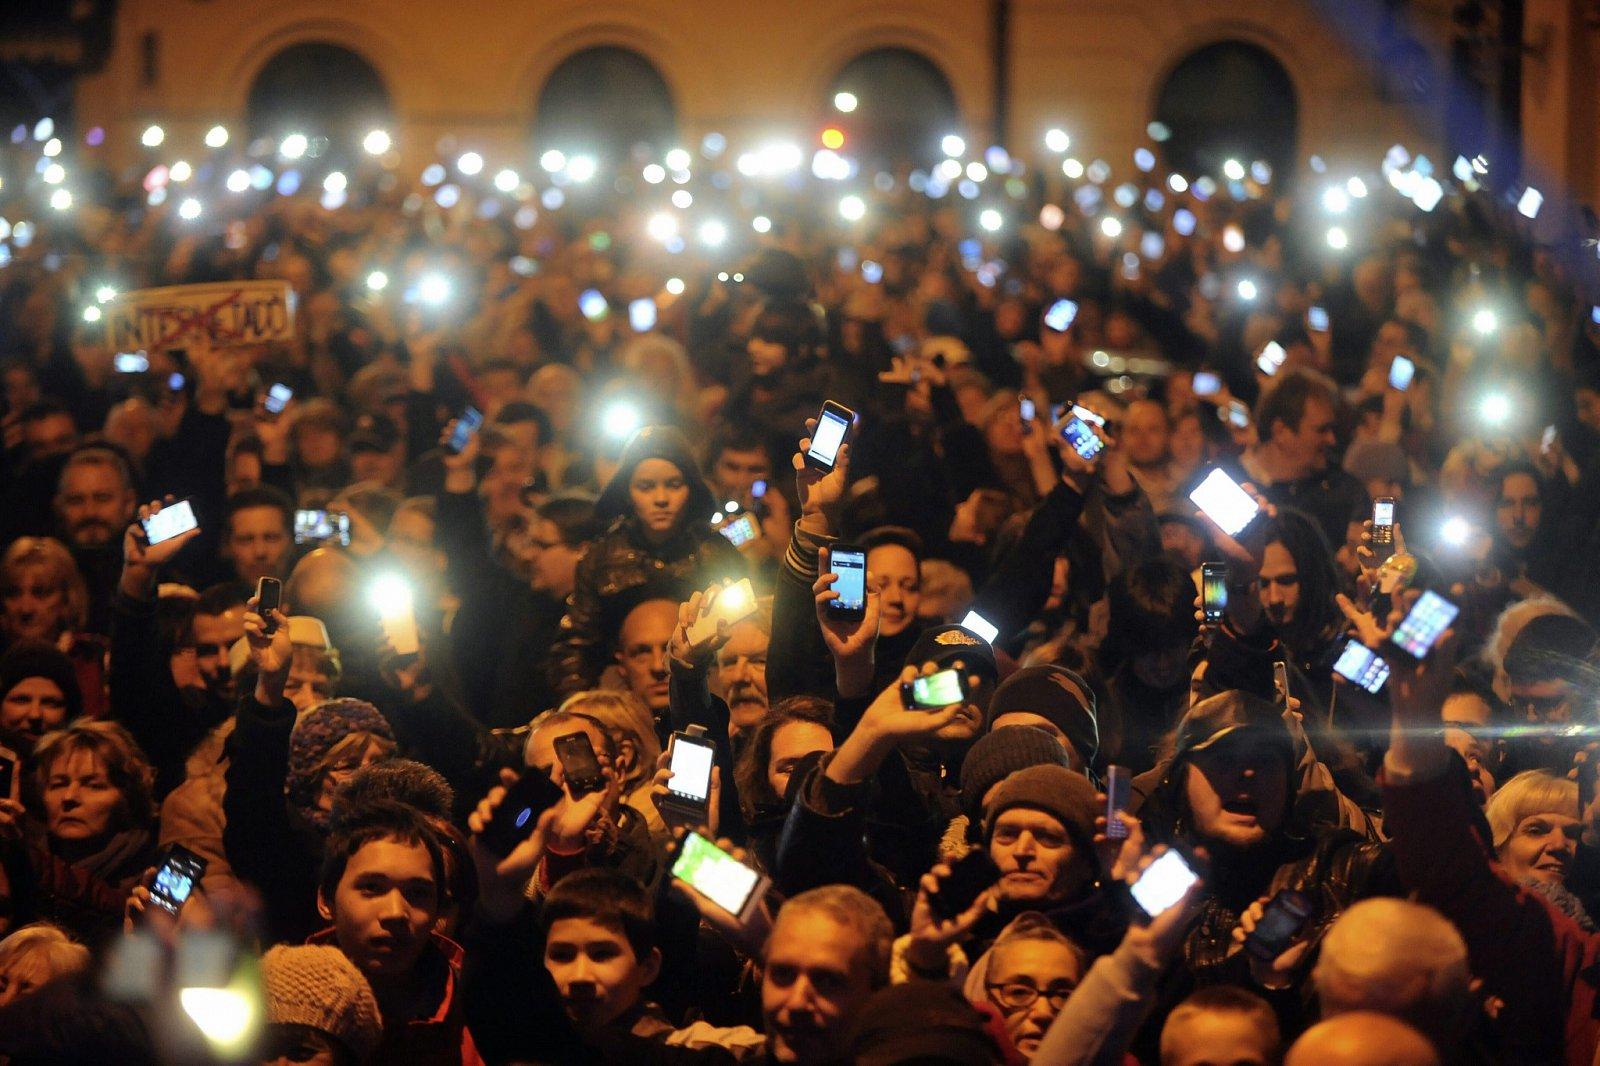 Maďaři vyšli kvůli dani z internetu do ulic